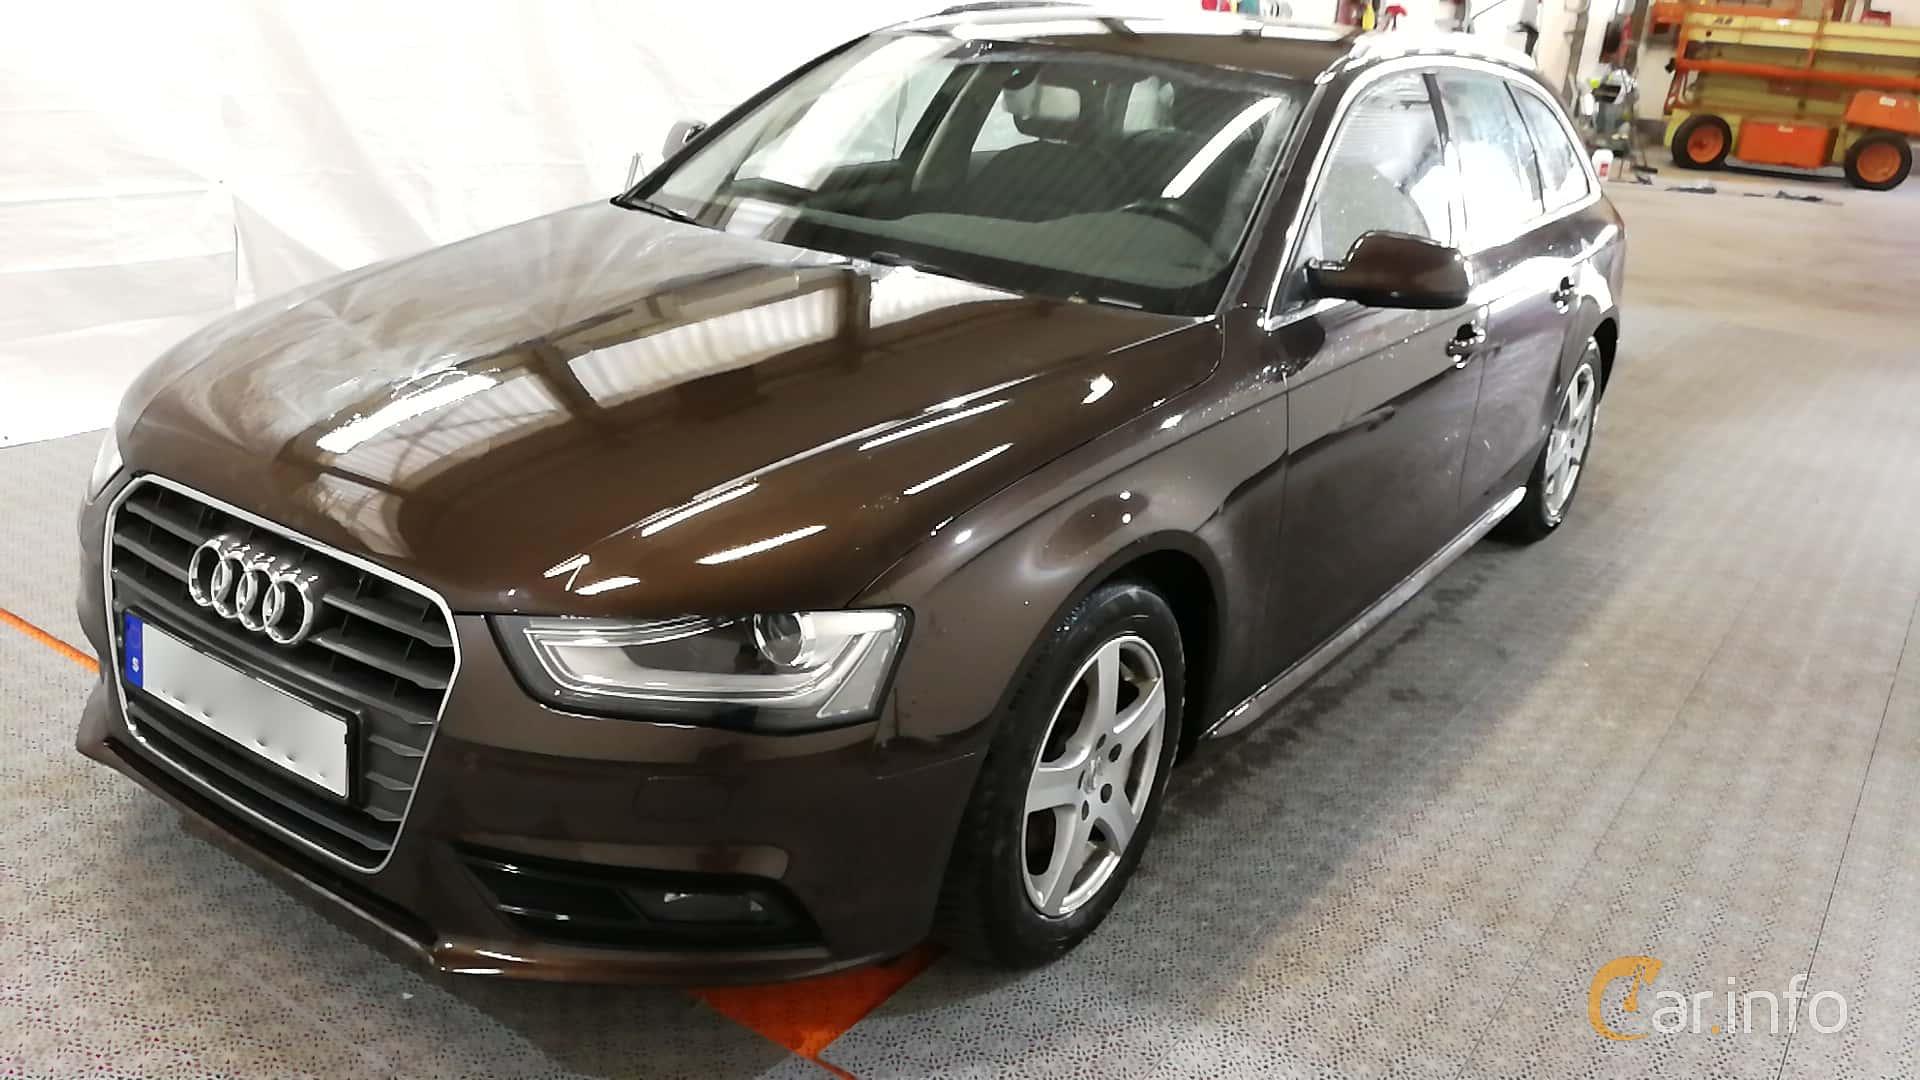 Kelebihan Audi A4 Avant 2013 Spesifikasi